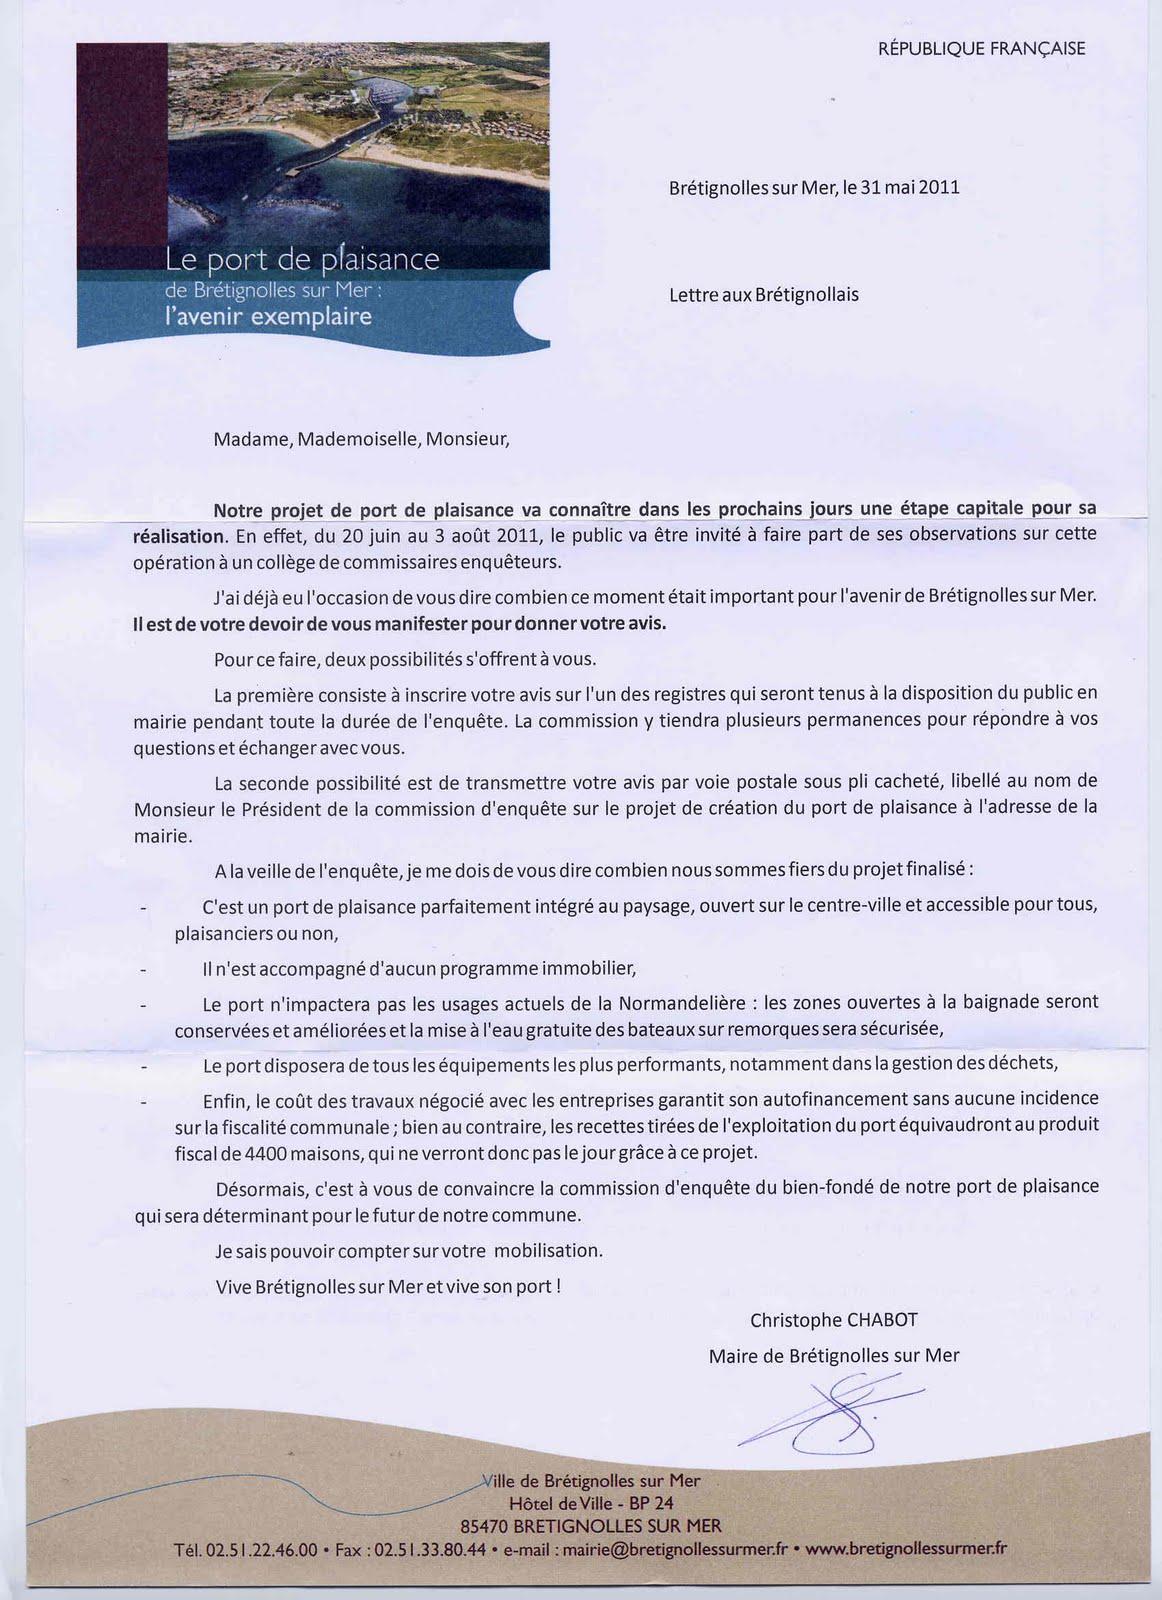 Projet de port br tignolles histoire du fiasco d 39 un maire christophe chabot 2008 2014 - Port irlandais en 7 lettres ...